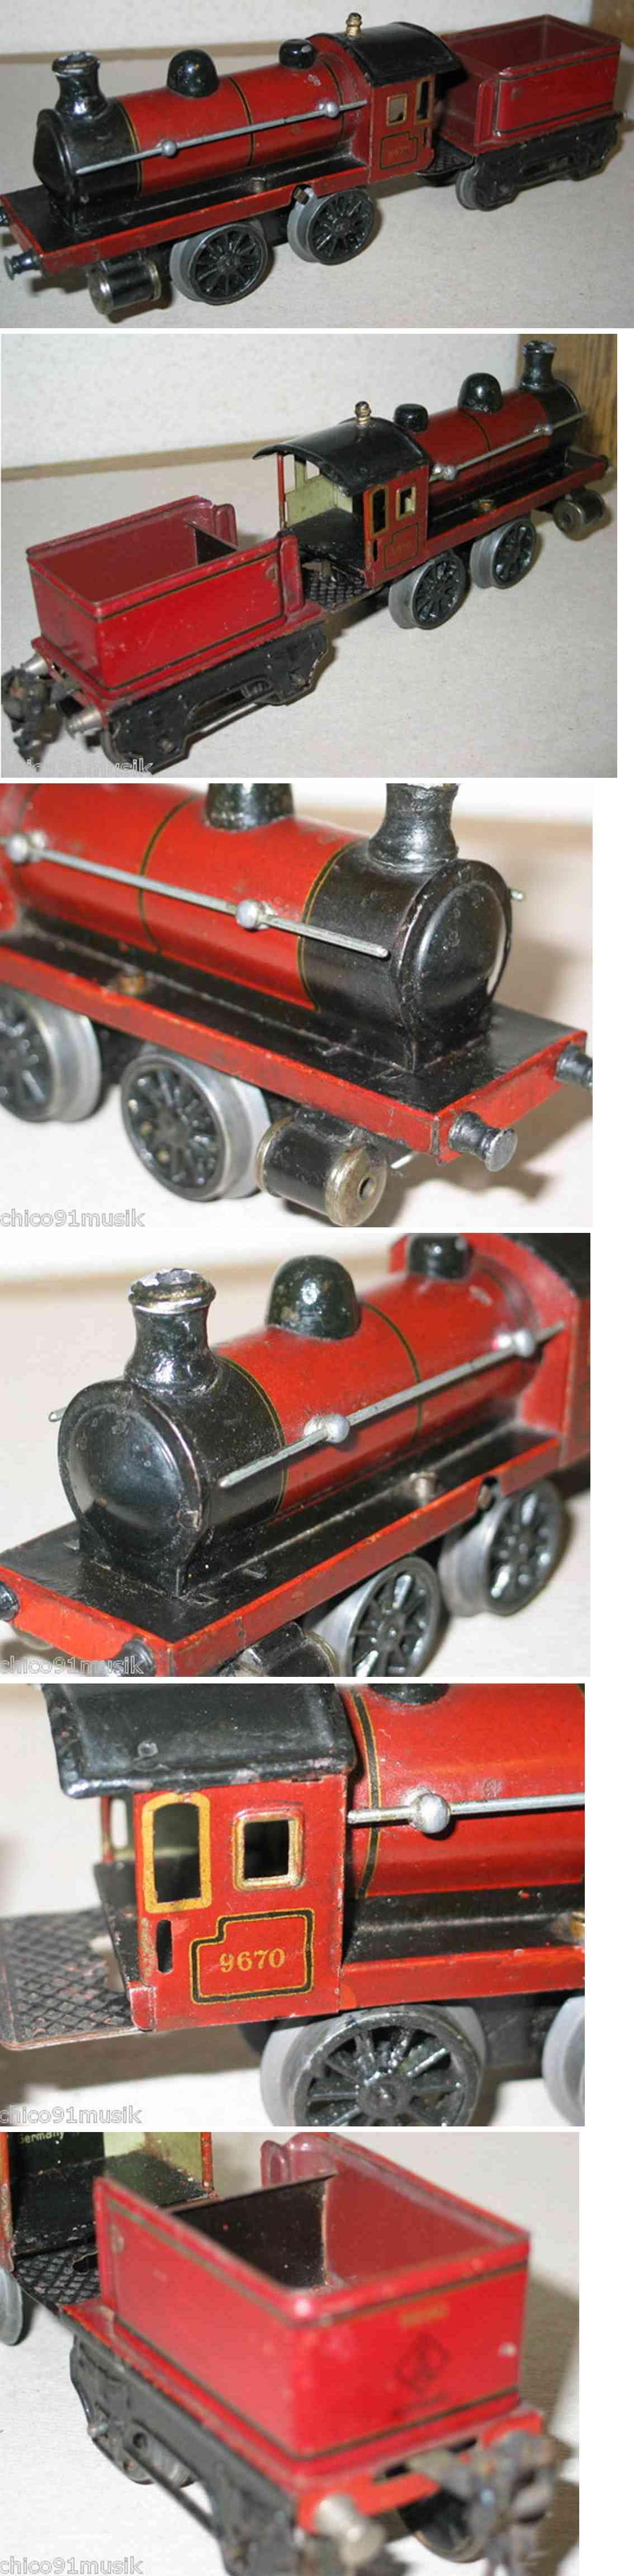 maerklin 9670 spielzeug eisenbahn uhrwerklokomotive mit tender 9690 in dunkelrot spur 0